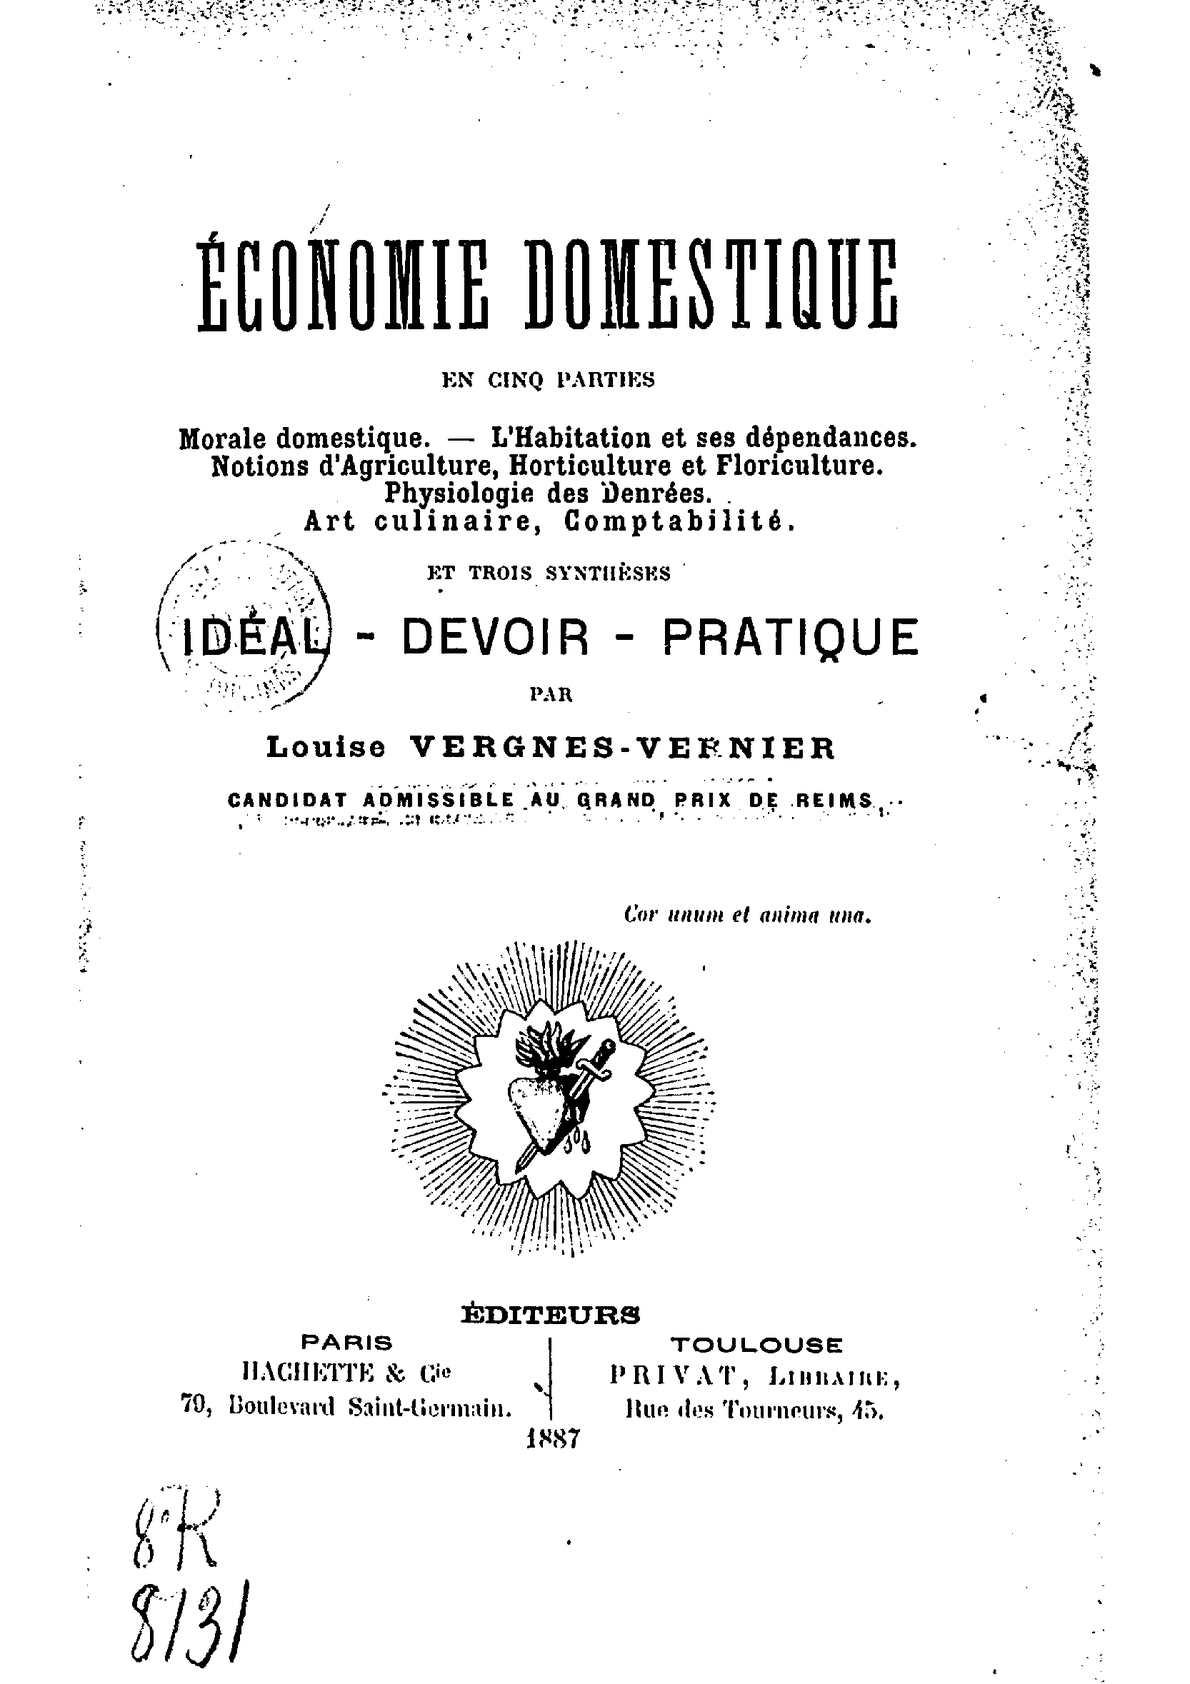 0f85c5d998ff Calaméo - Economie Domestique - 1887